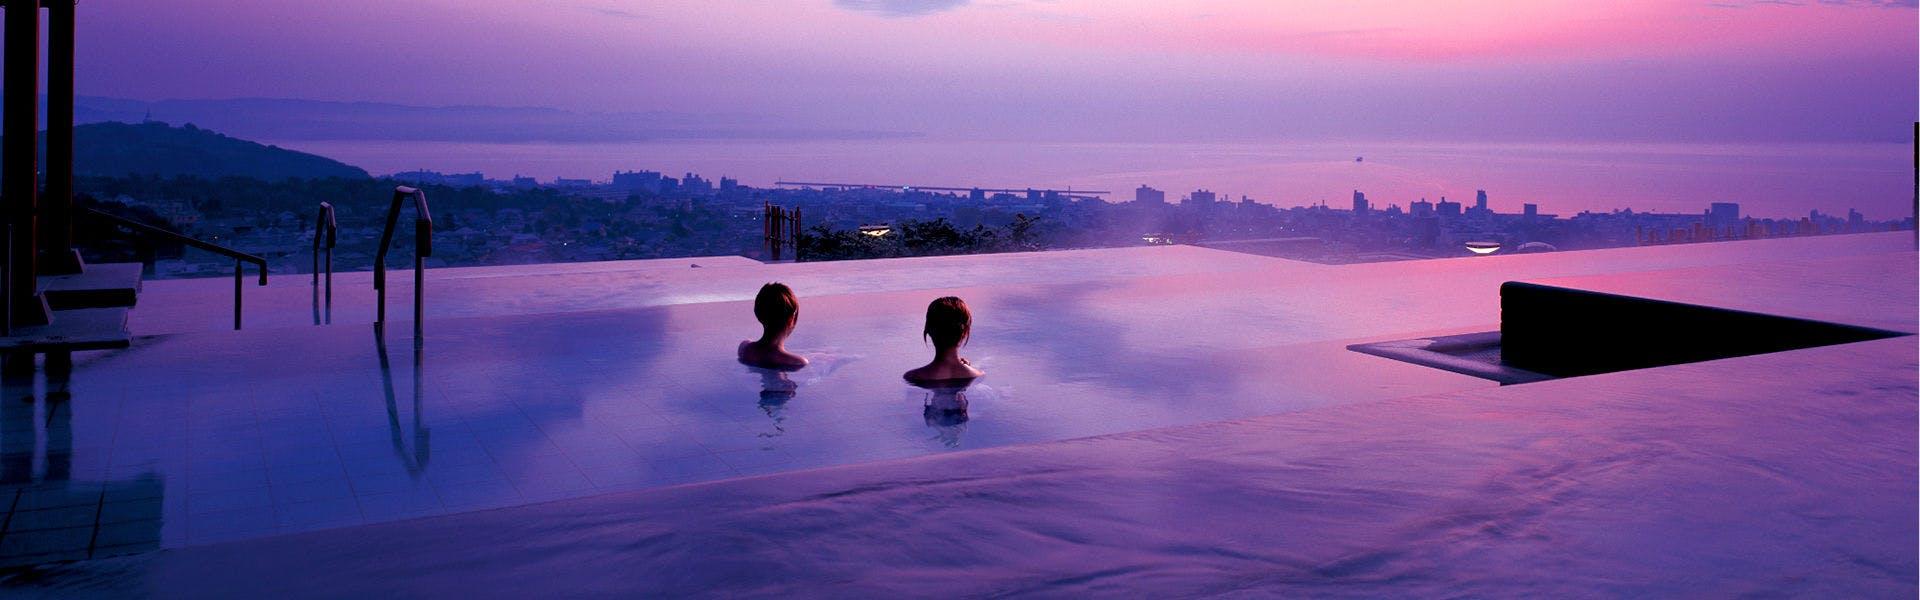 大分で子連れで宿泊する場合におすすめしたい旅館とホテルは?